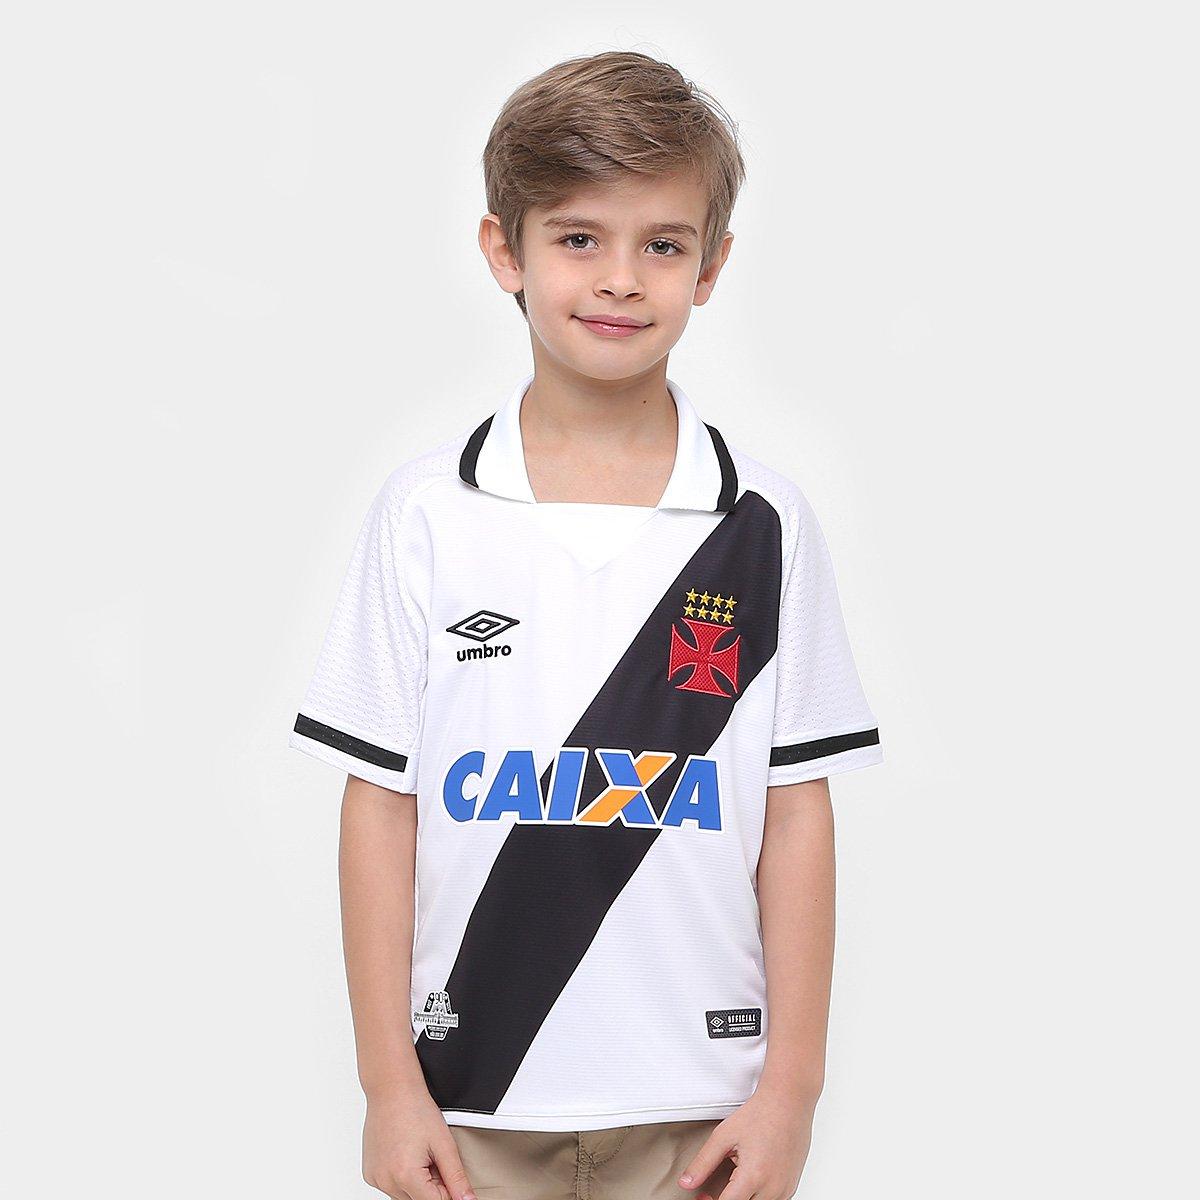 c7e012070 Camisa Vasco Juvenil II 17 18 nº10 - Torcedor Umbro - Compre Agora ...